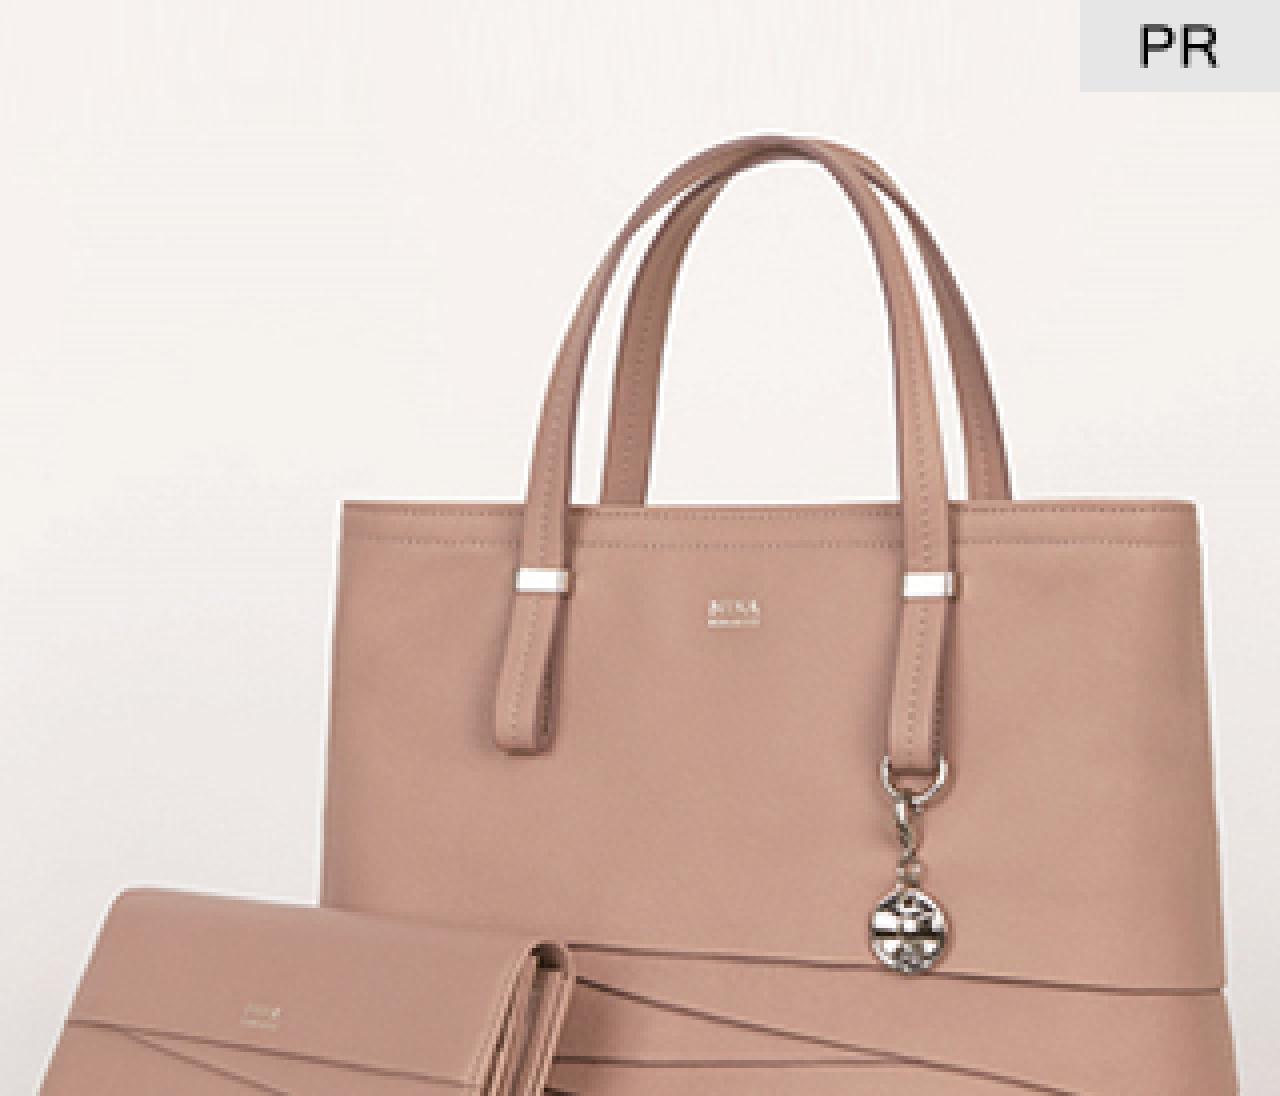 ニナ・ニナ リッチがデビュー! 新しいバッグや財布を見つけにデビューフェアへ!